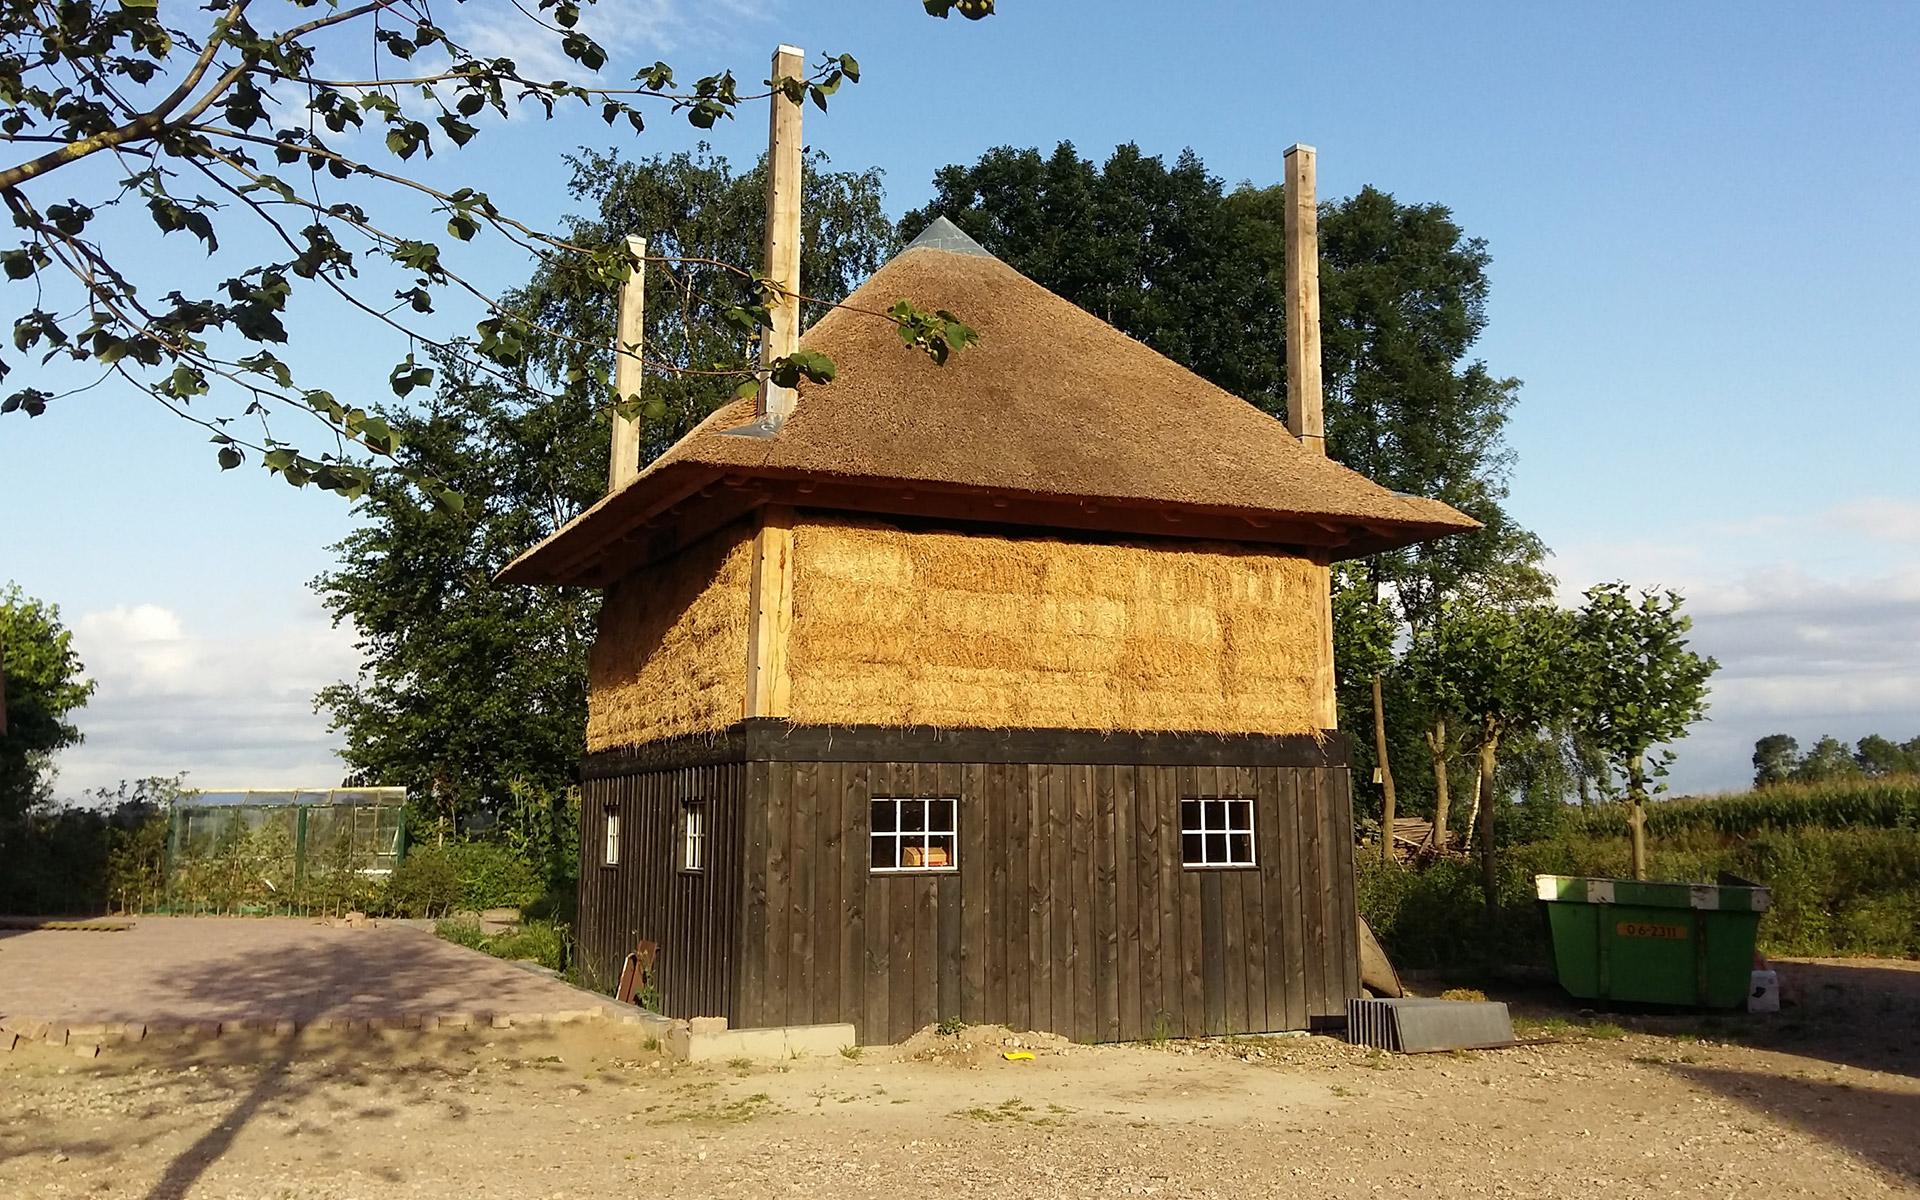 terwolde-kadijk-architect-schuurwoning-houtenwoning-van-oord-architectuur-en-design-architect-wenum-wiesel-apeldoorn4